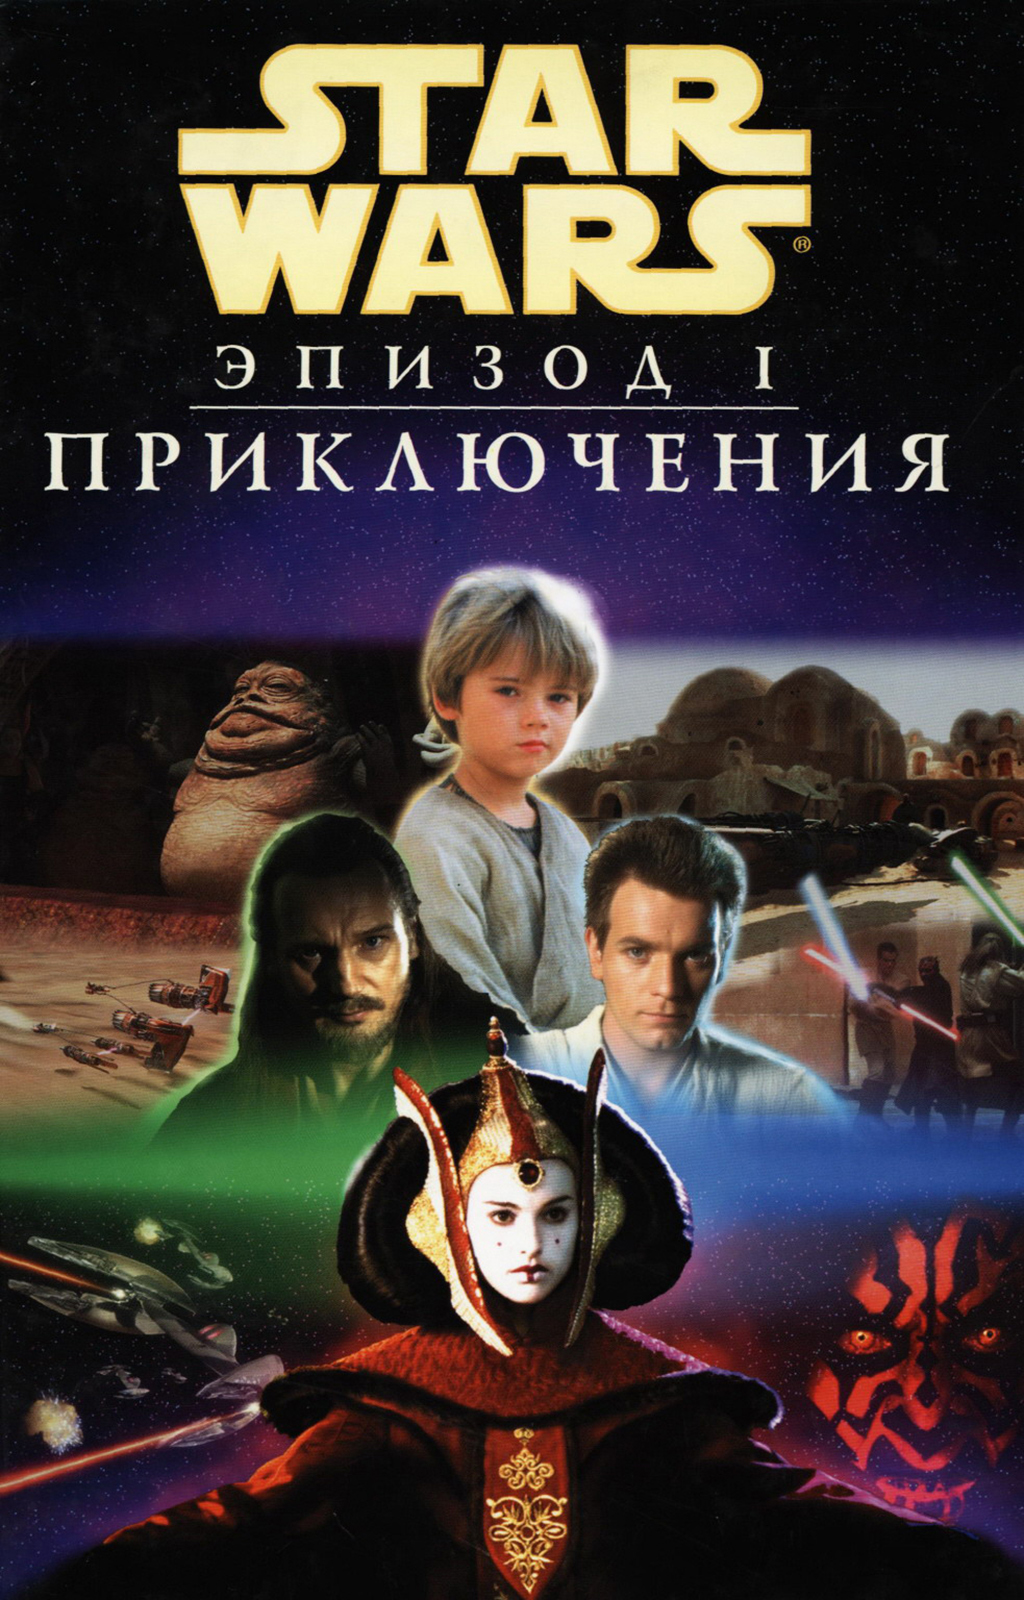 Комикс Звездные Войны - Эпизод I: Приключения